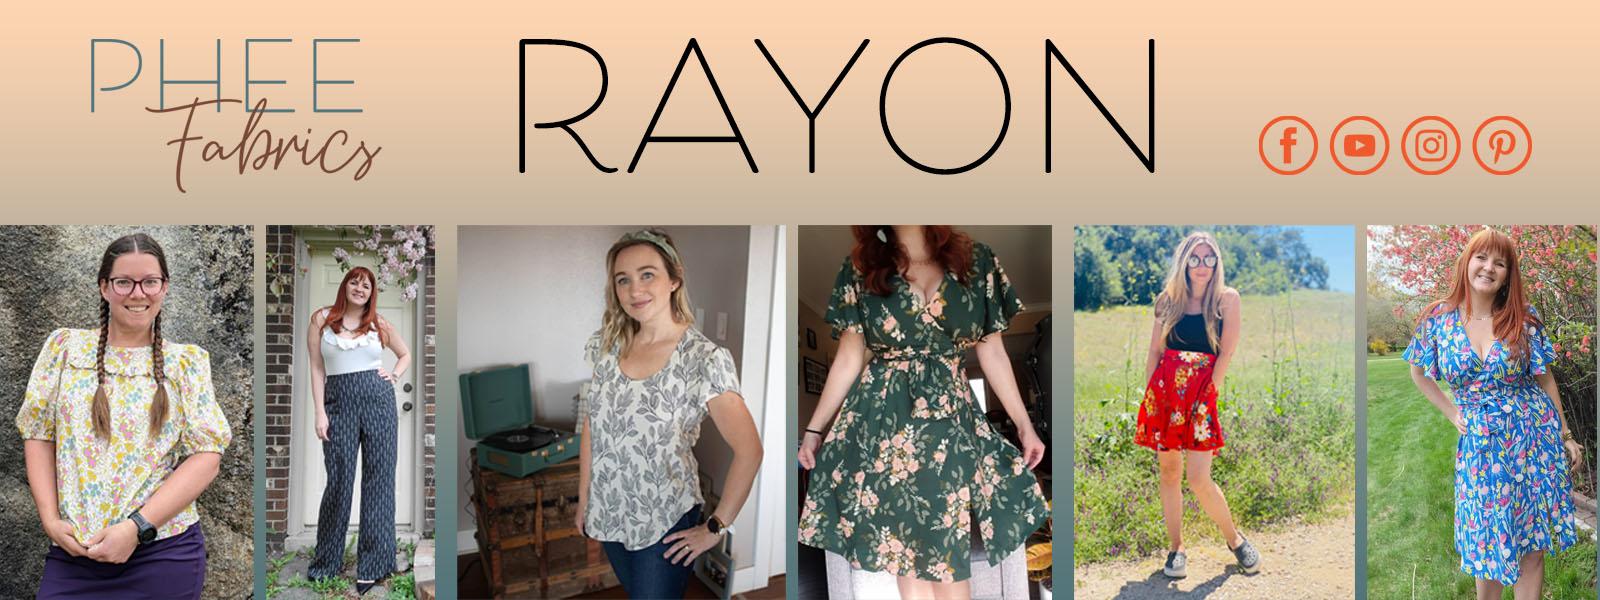 adult-rayon.jpg